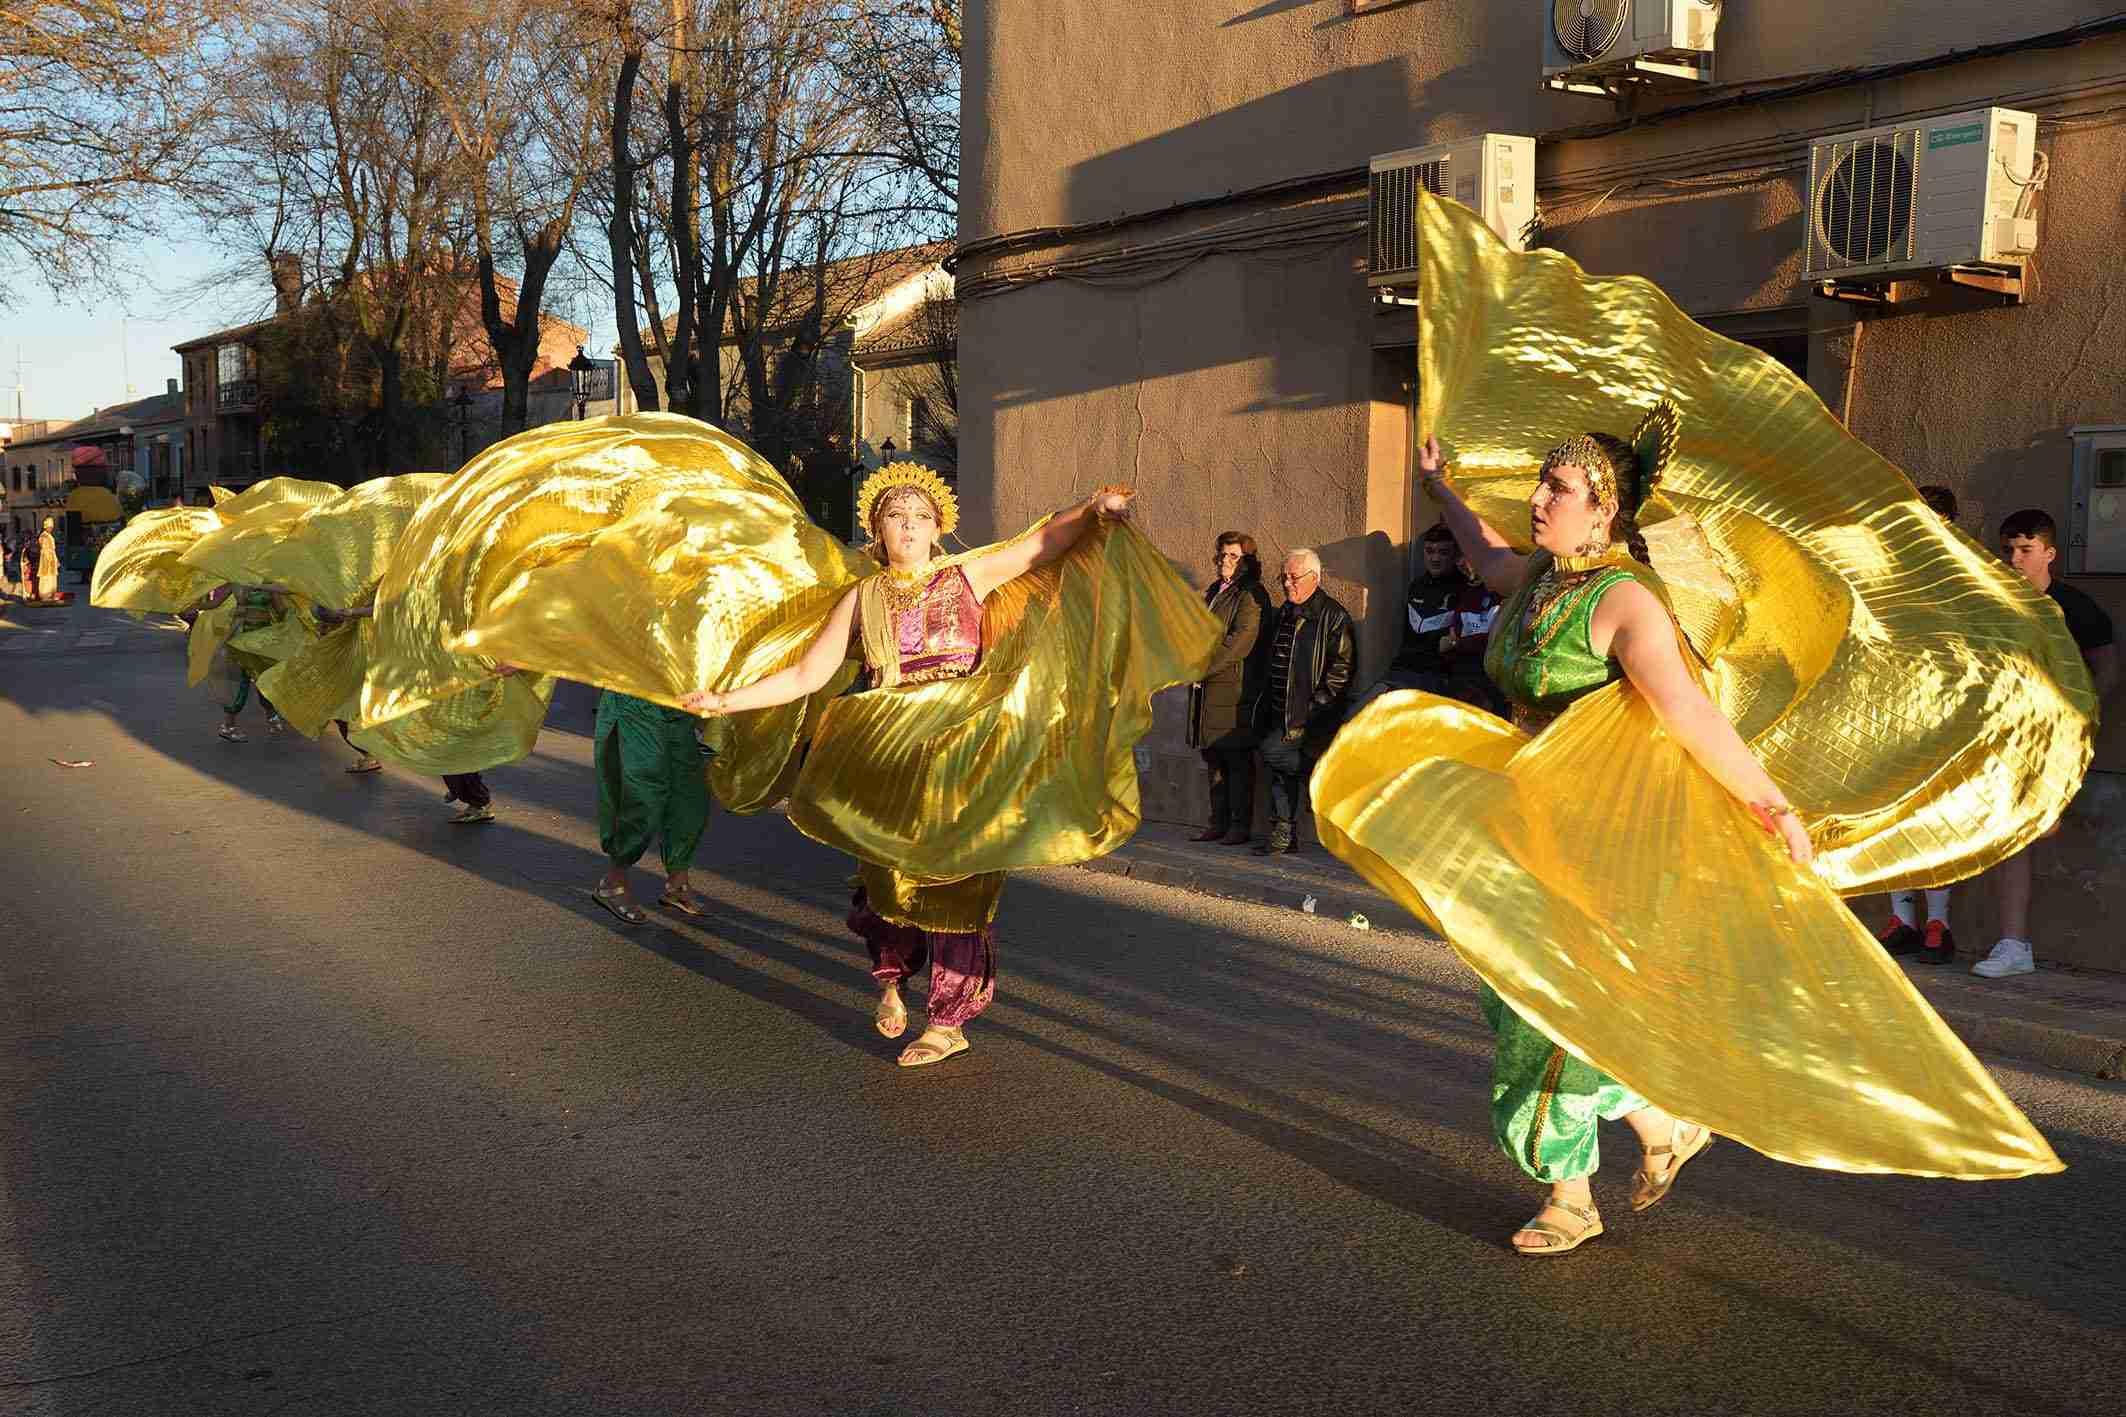 Ritmo, color y mucha originalidad en el Desfile de Comparsas 2020 de Argamasilla de Alba 42